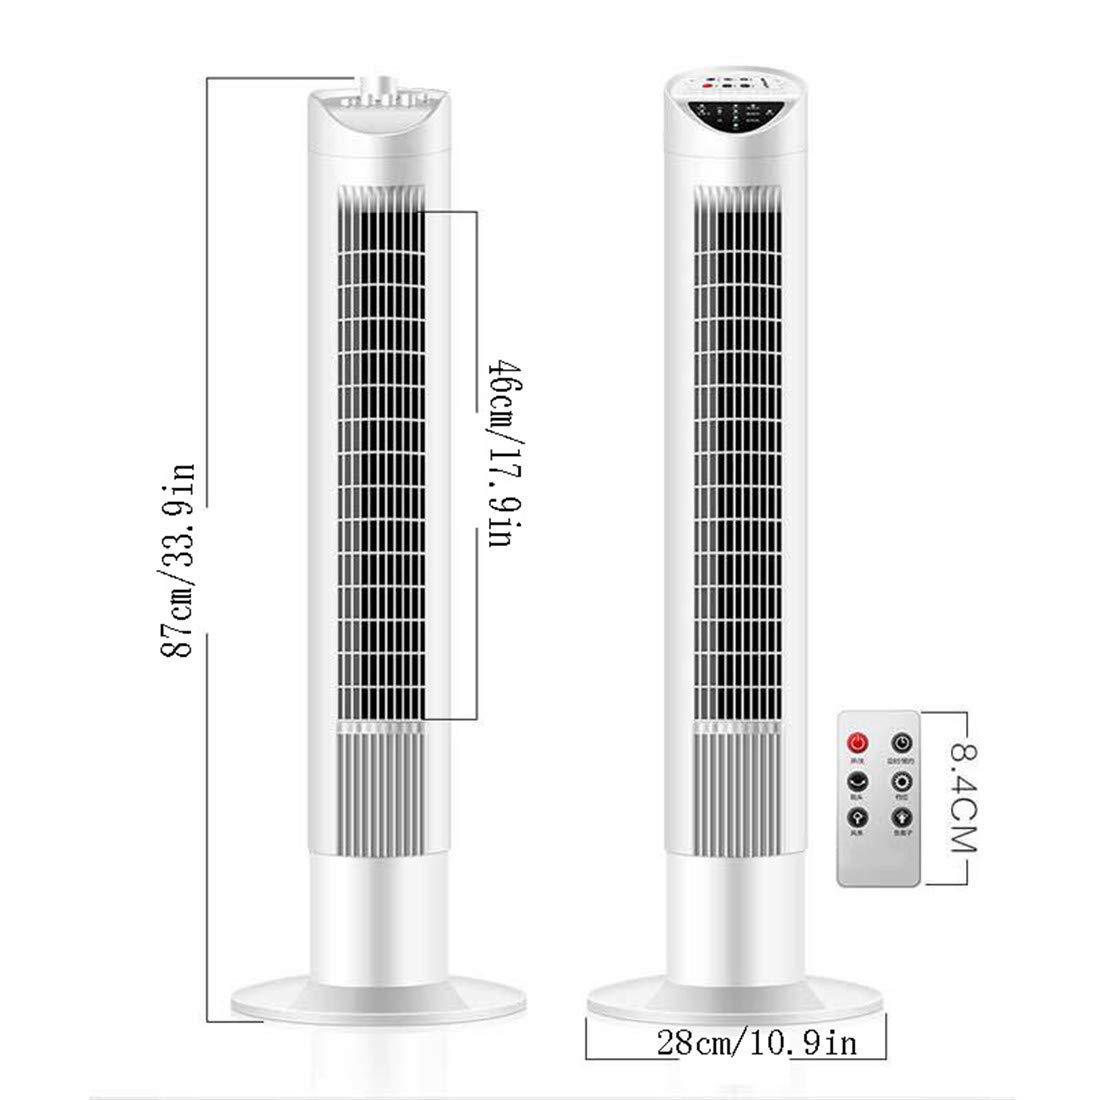 Climatizadores Evaporativo Ventilador De Torre Acondicionados Portatiles Oscilante Con Mando a Distancia 3 en 1 Enfriador Temporizador Programable 55W 120/°